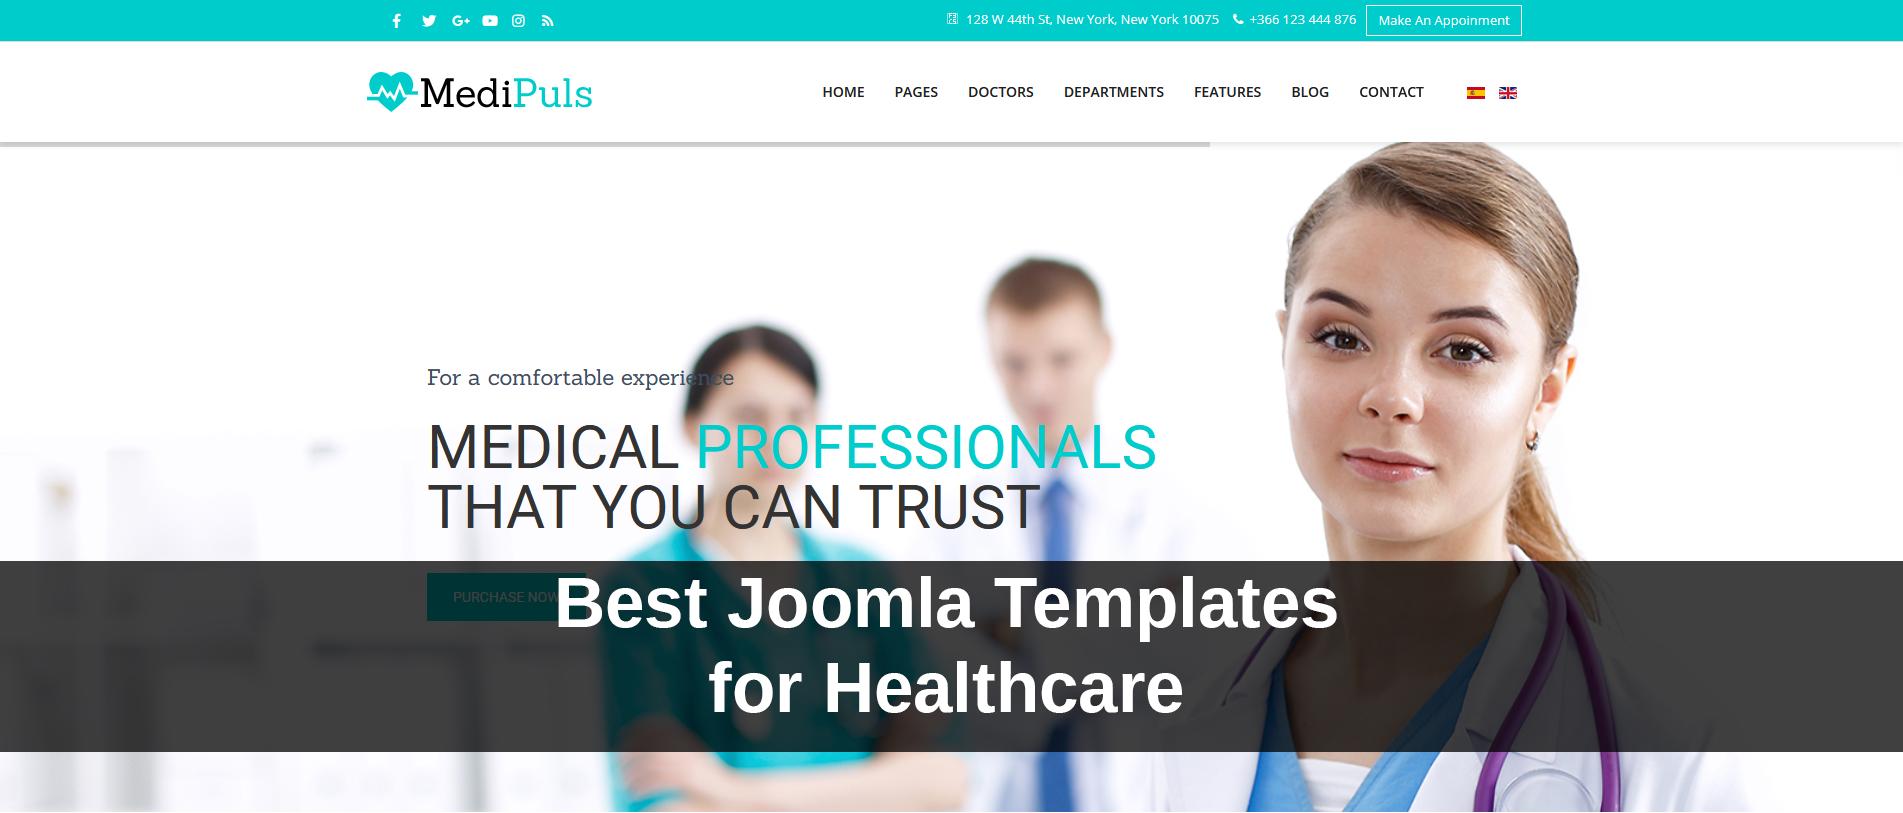 Best Joomla Templates for Healthcare